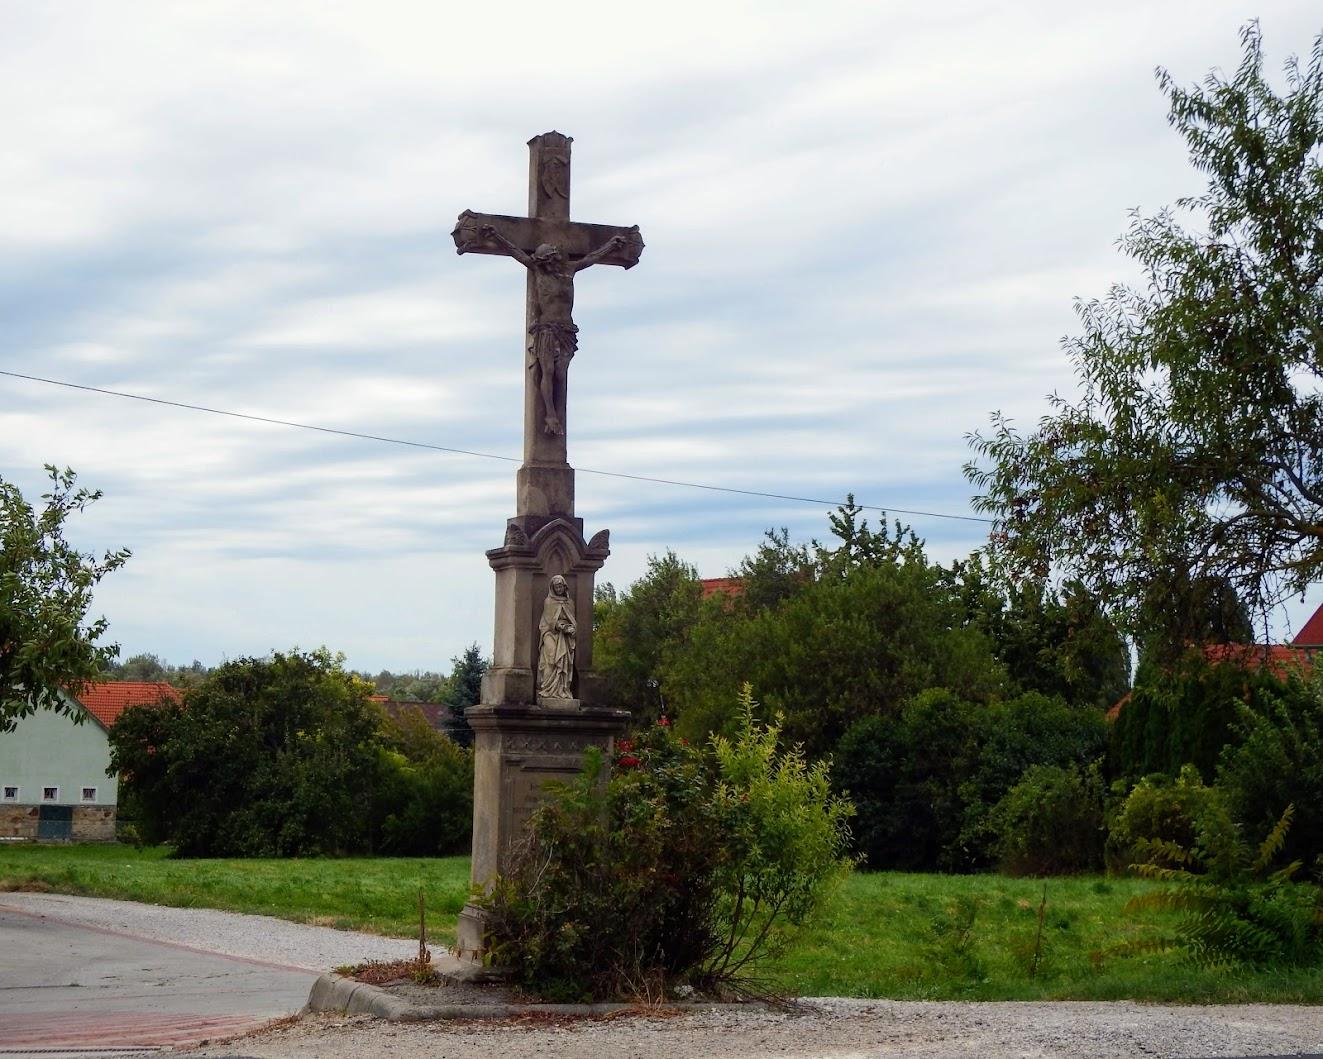 Gyenesdiás - kőkereszt (Kossuth Lajos utca Határ köz kereszteződésében)